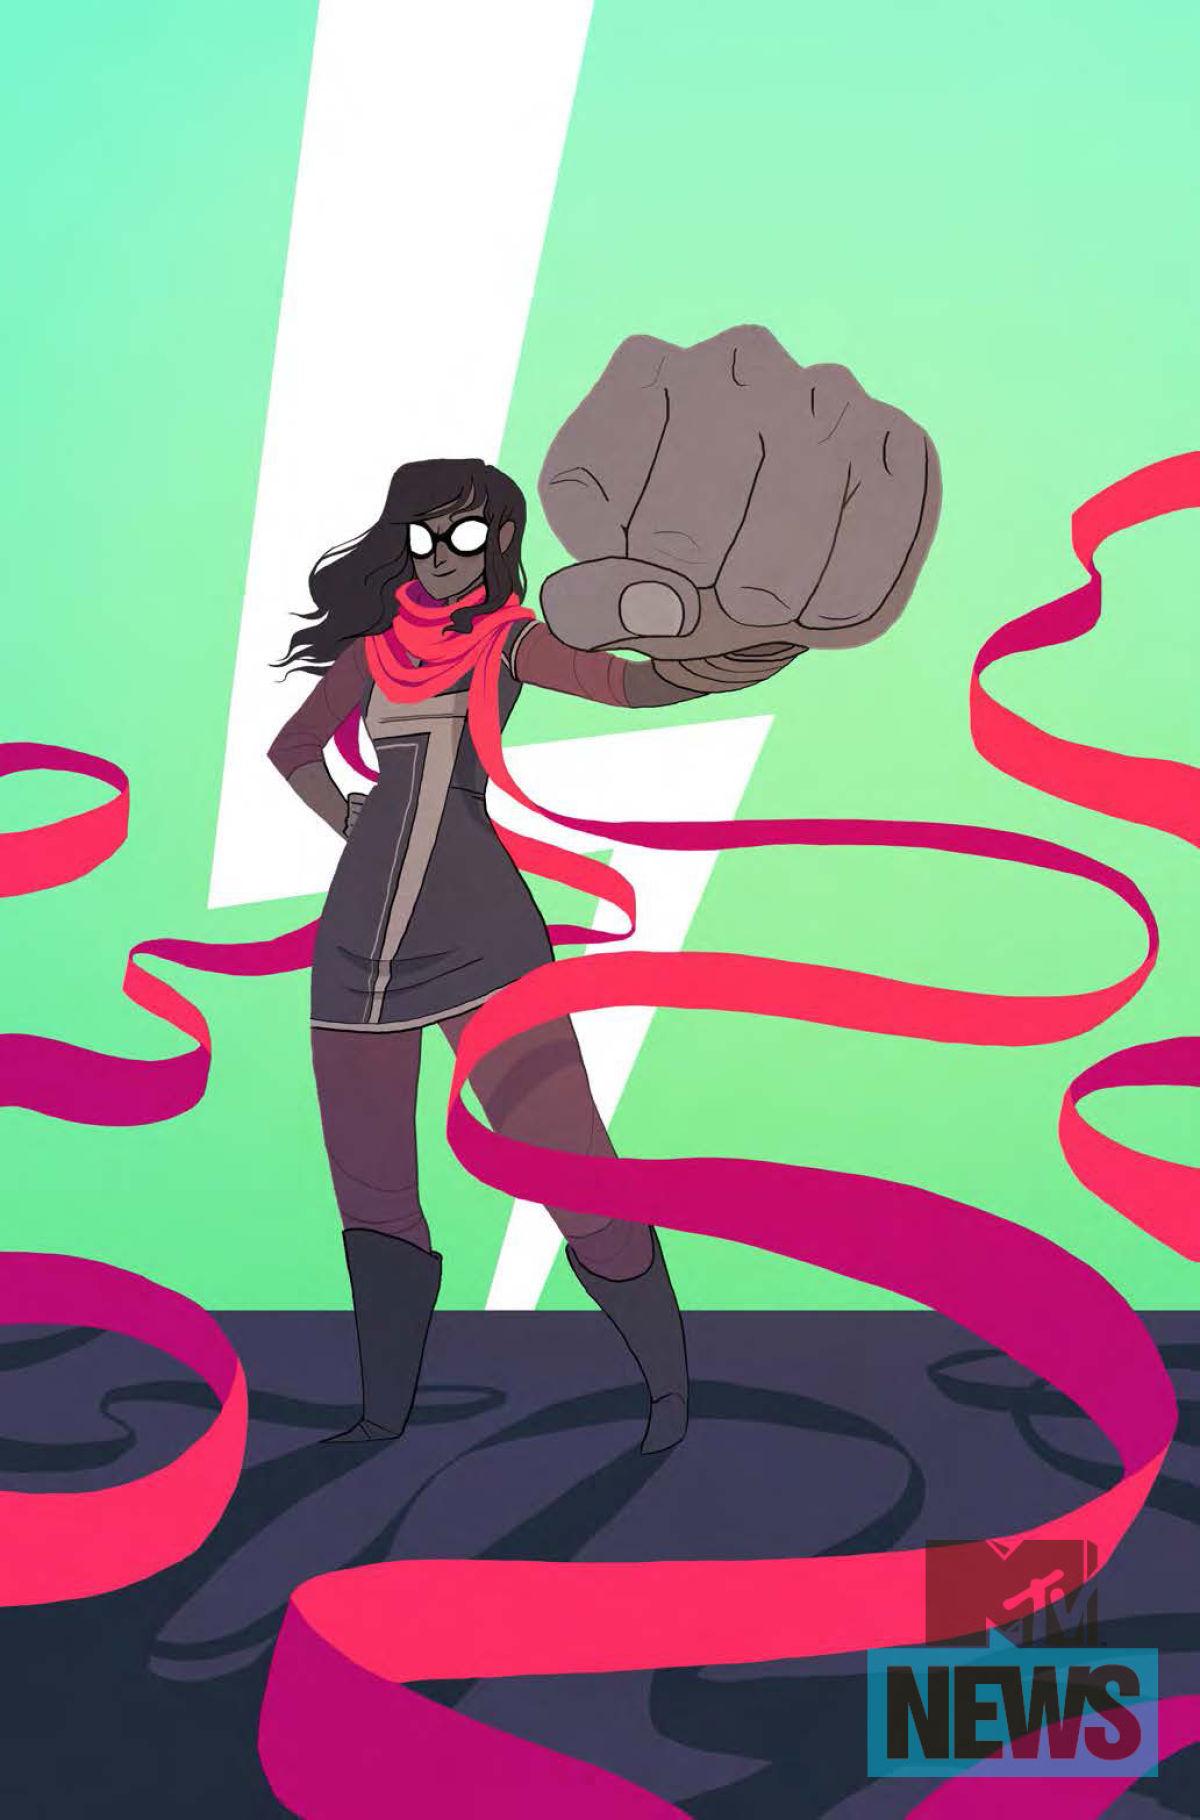 MS Marvel 13 - Noelle Stevenson